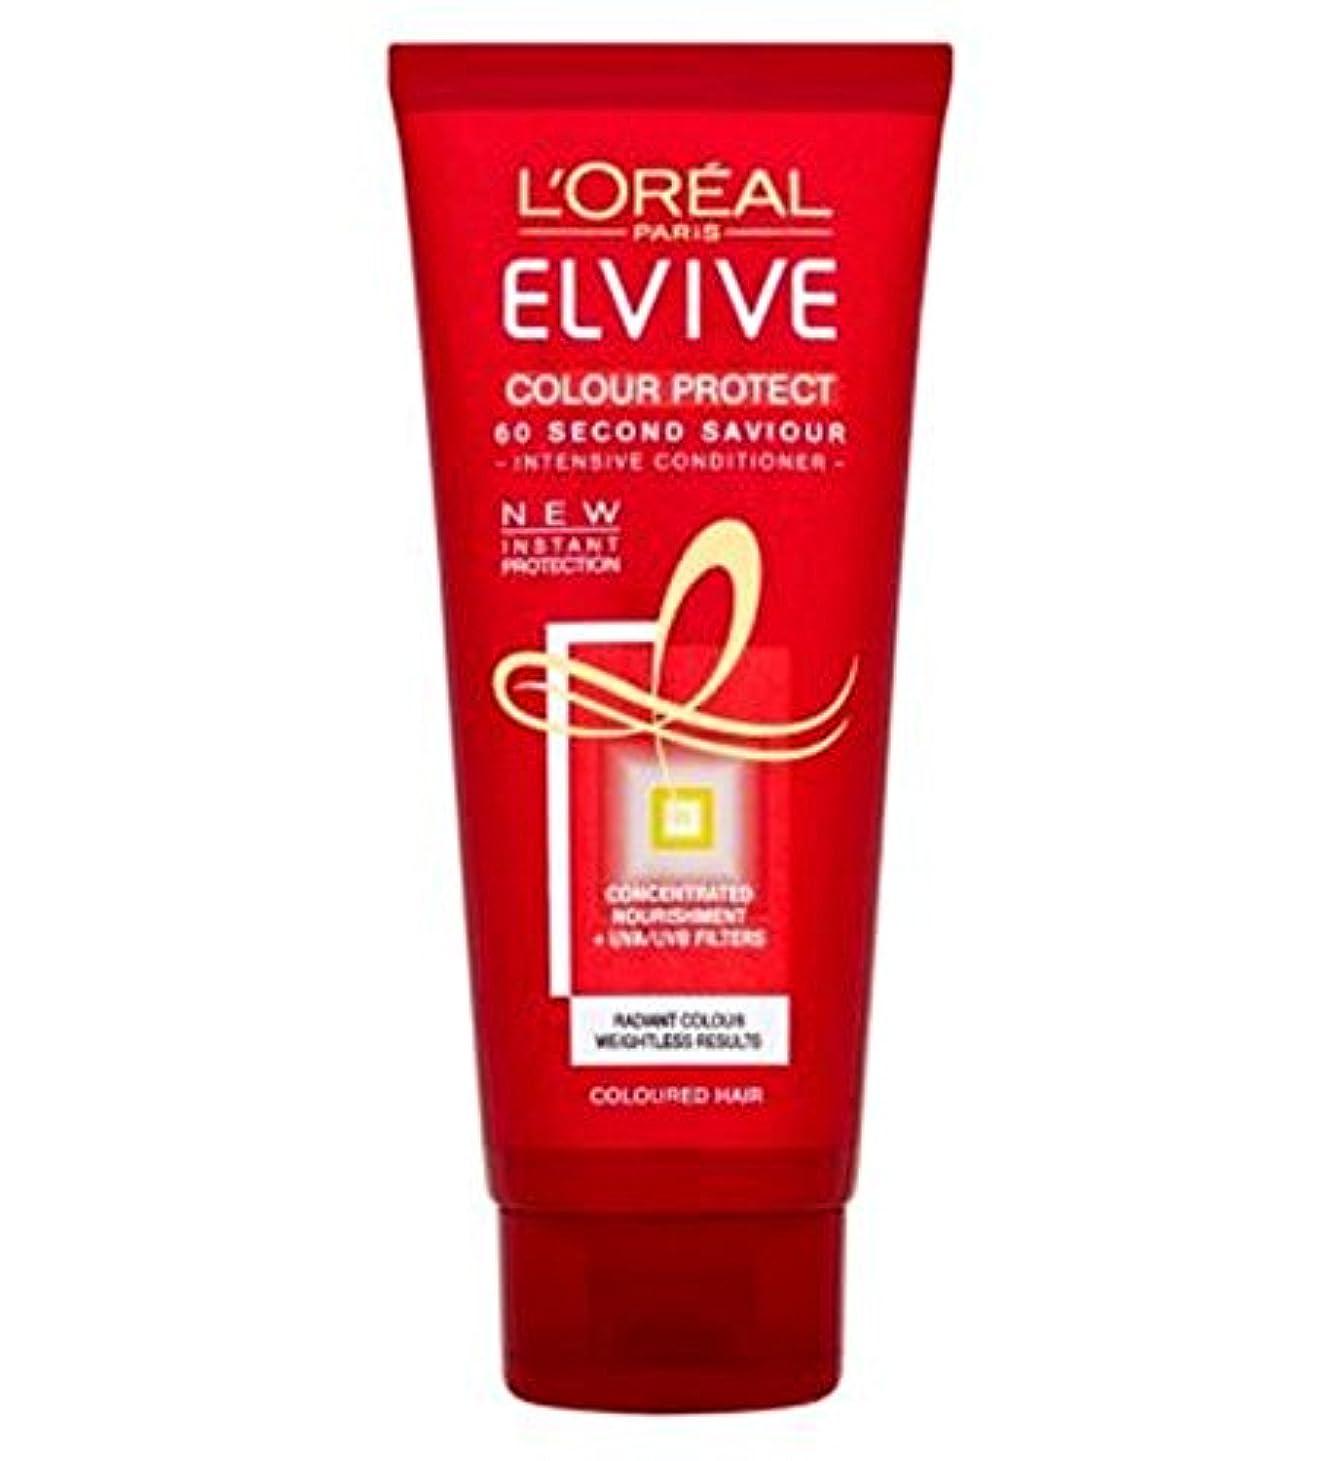 飼料筋深いL'Oreall Elvive Colour Protect Conditioner 200ml - L'Oreall Elviveカラーコンディショナー200ミリリットルを保護 (L'Oreal) [並行輸入品]